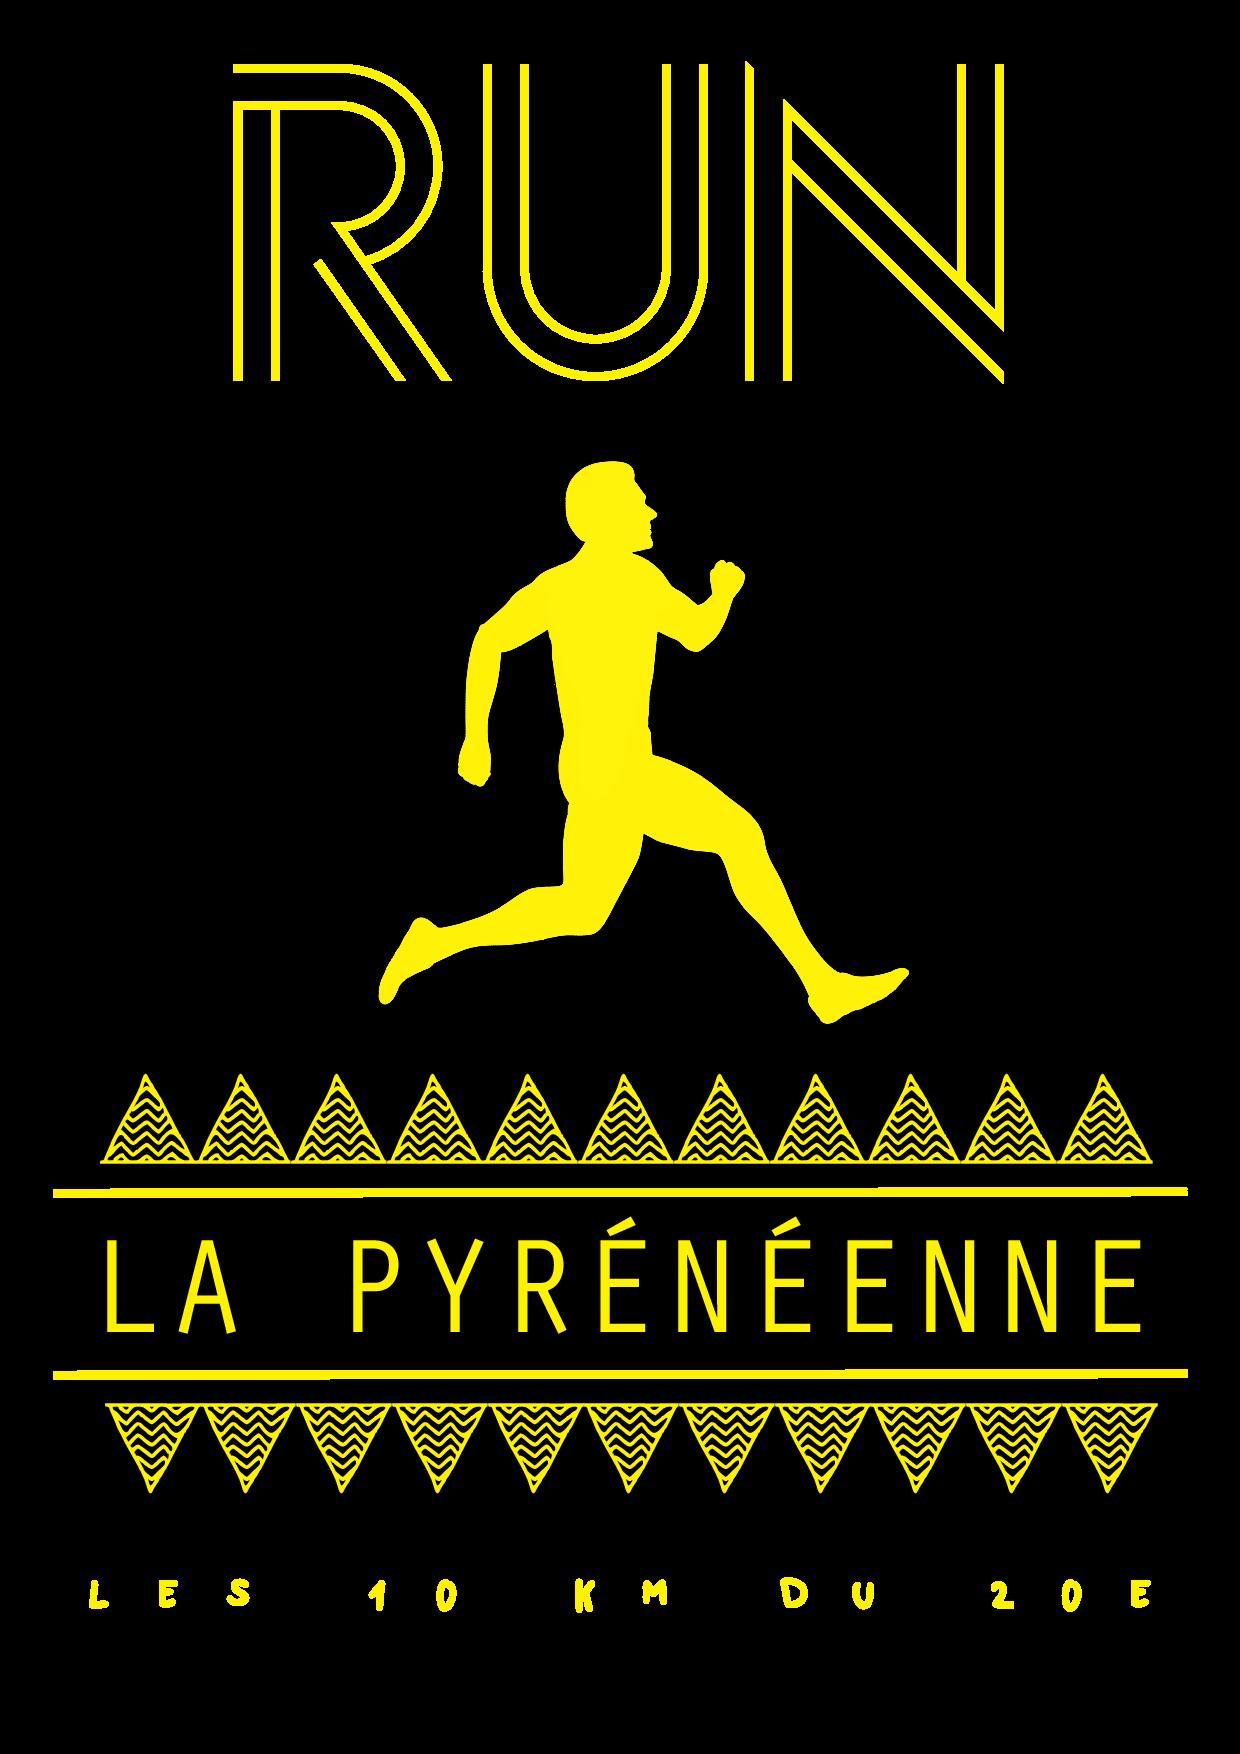 """Visuel pour le tee shirt de la course """"La Pyrénéenne"""""""